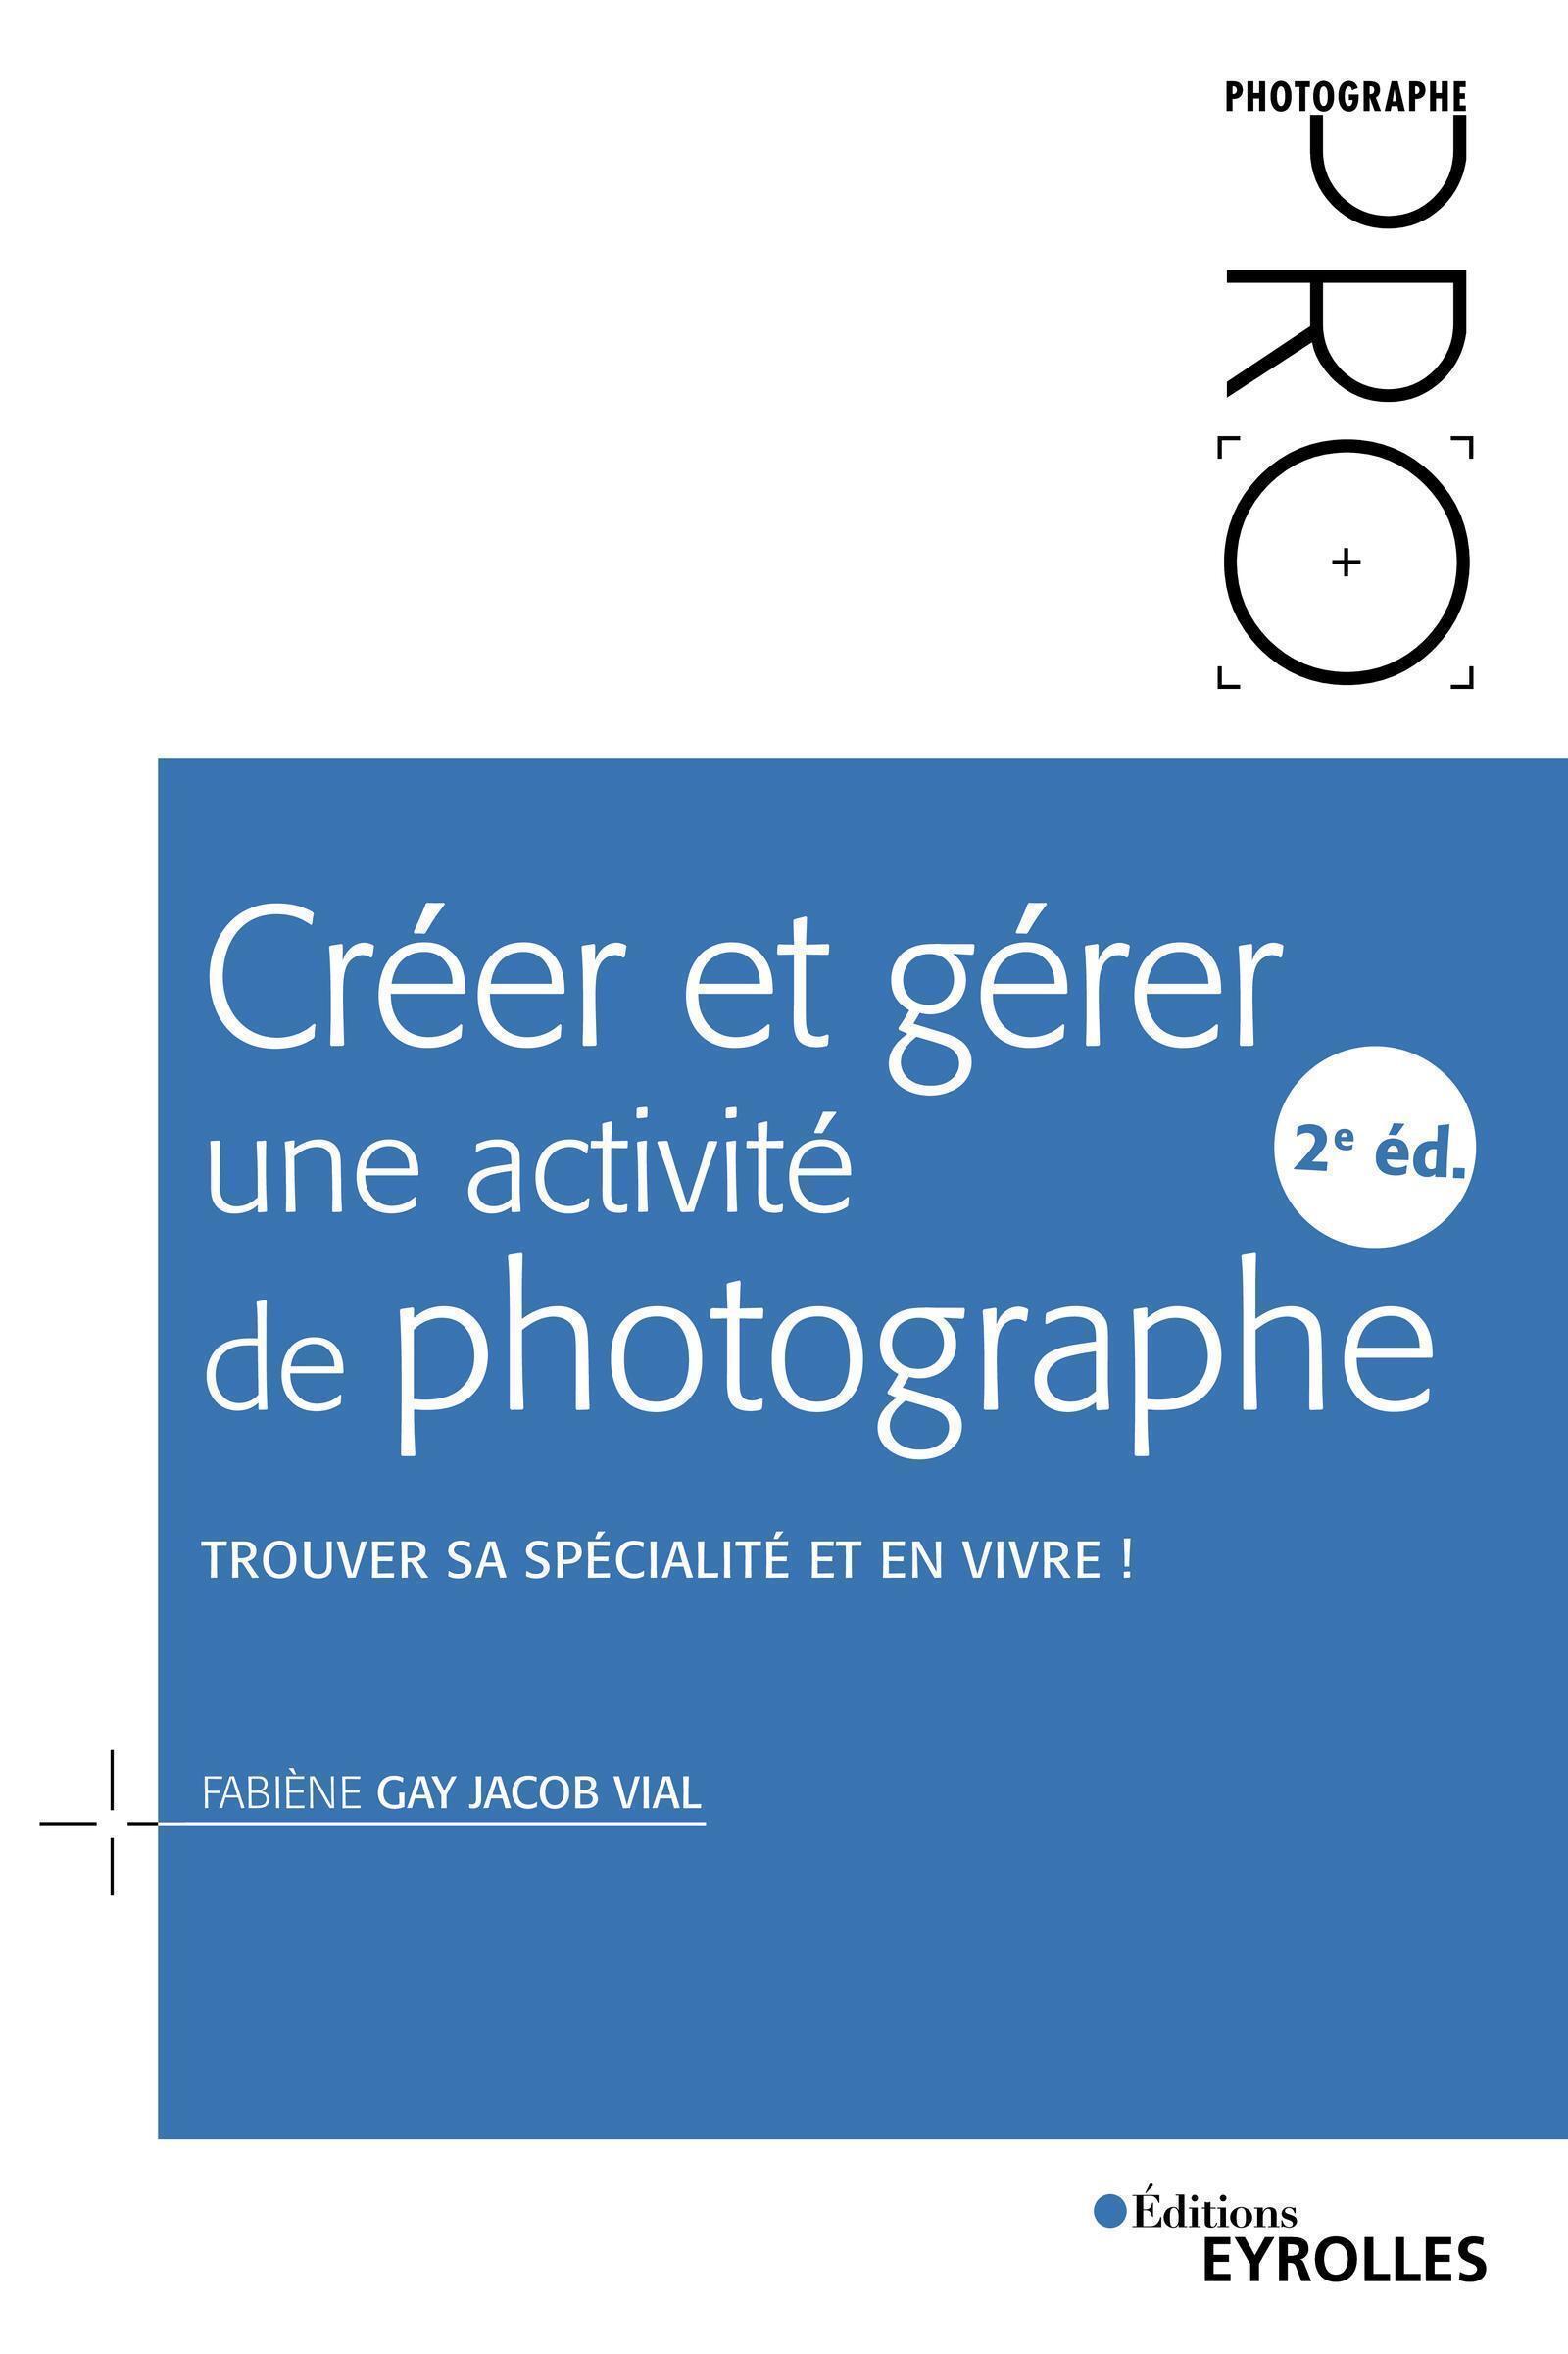 CREER ET GERER UNE ACTIVITE DE PHOTOGRAPHE - 2E EDITION - TROUVER SA SPECIALITE ET EN VIVRE !